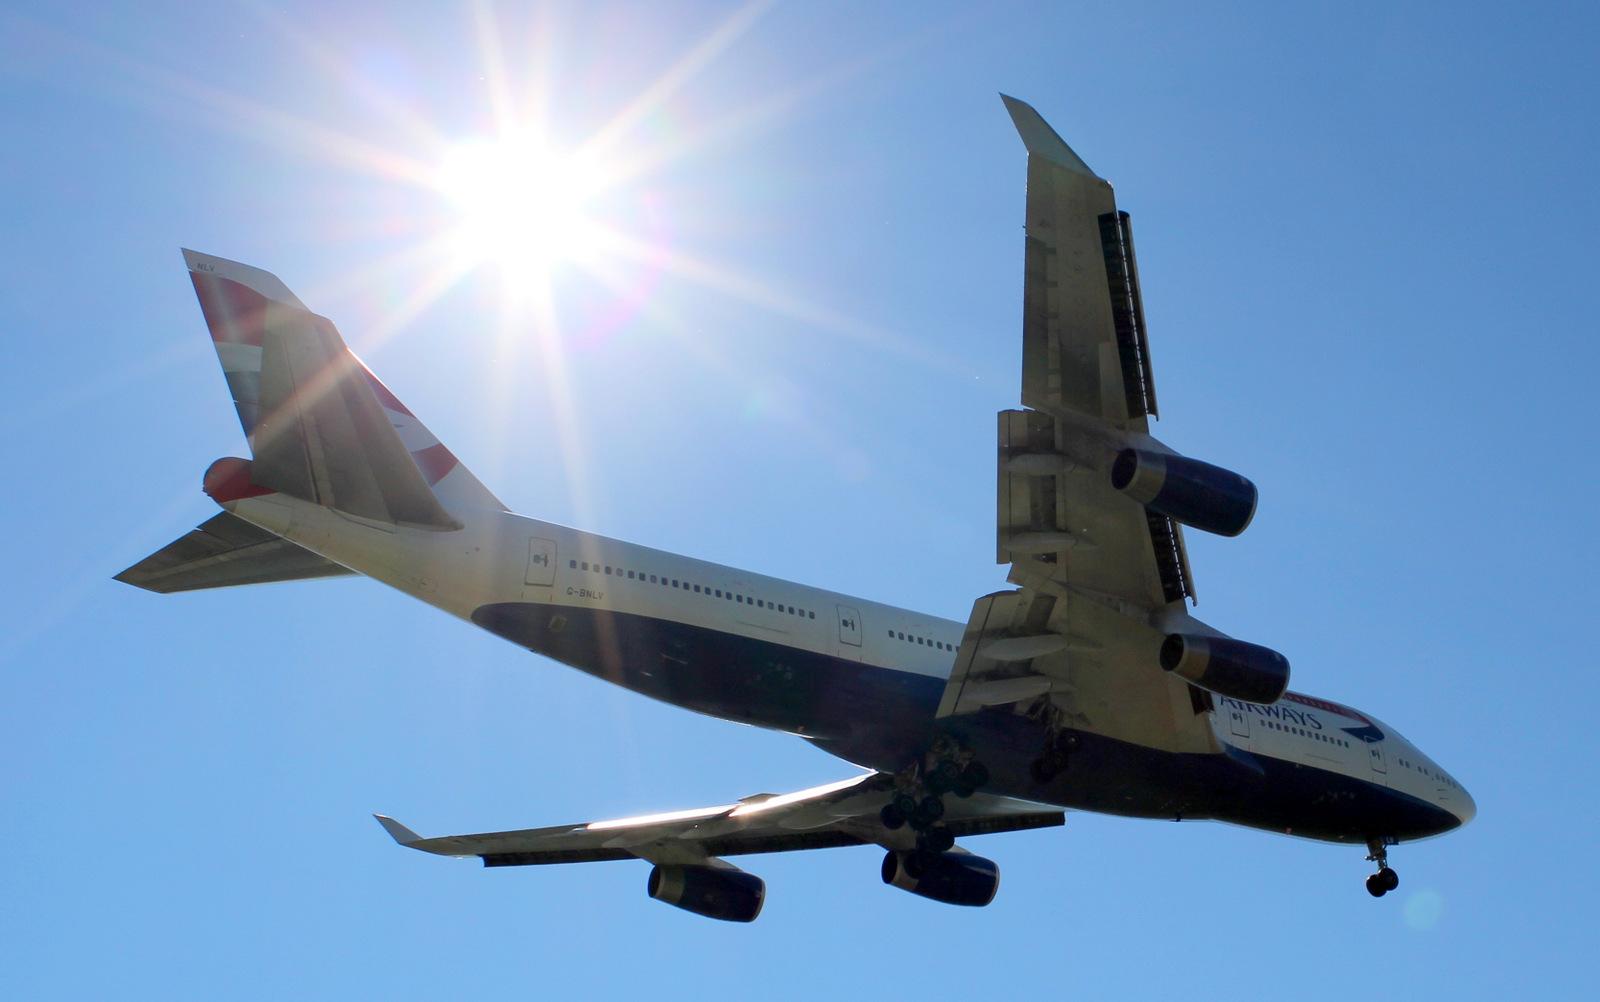 British Airways Boeing 747-400 on final at YVR